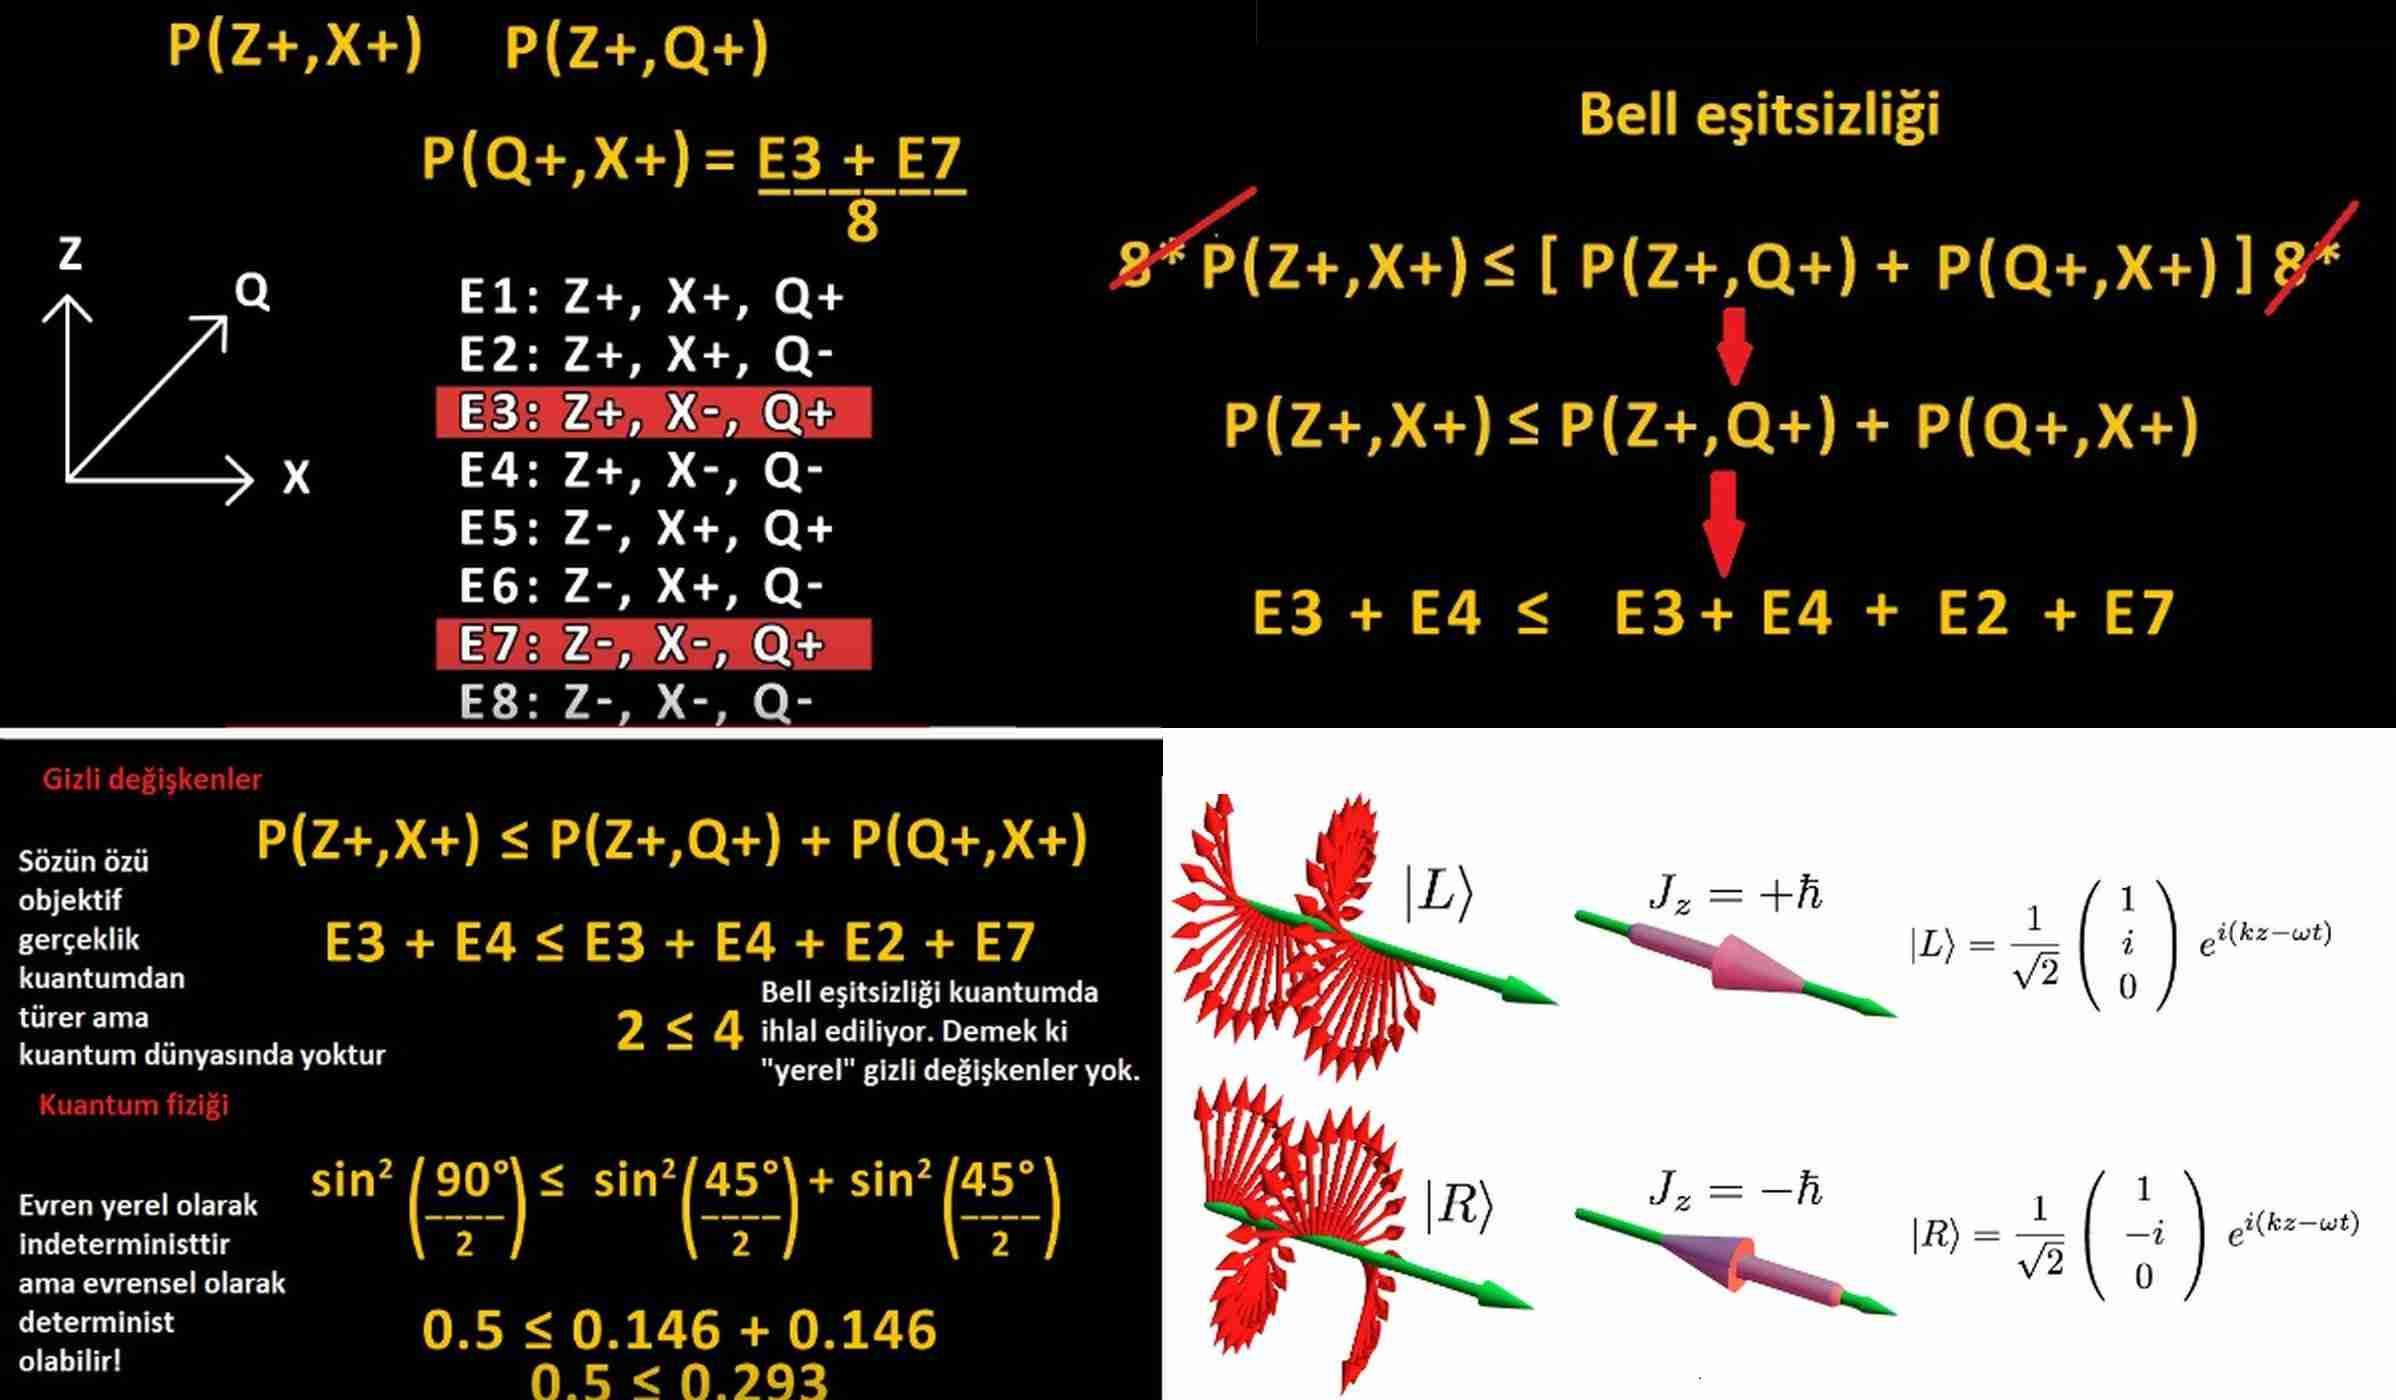 kuantum-dolanıklık-ile-ışıktan-hızlı-iletişim-olur-mu